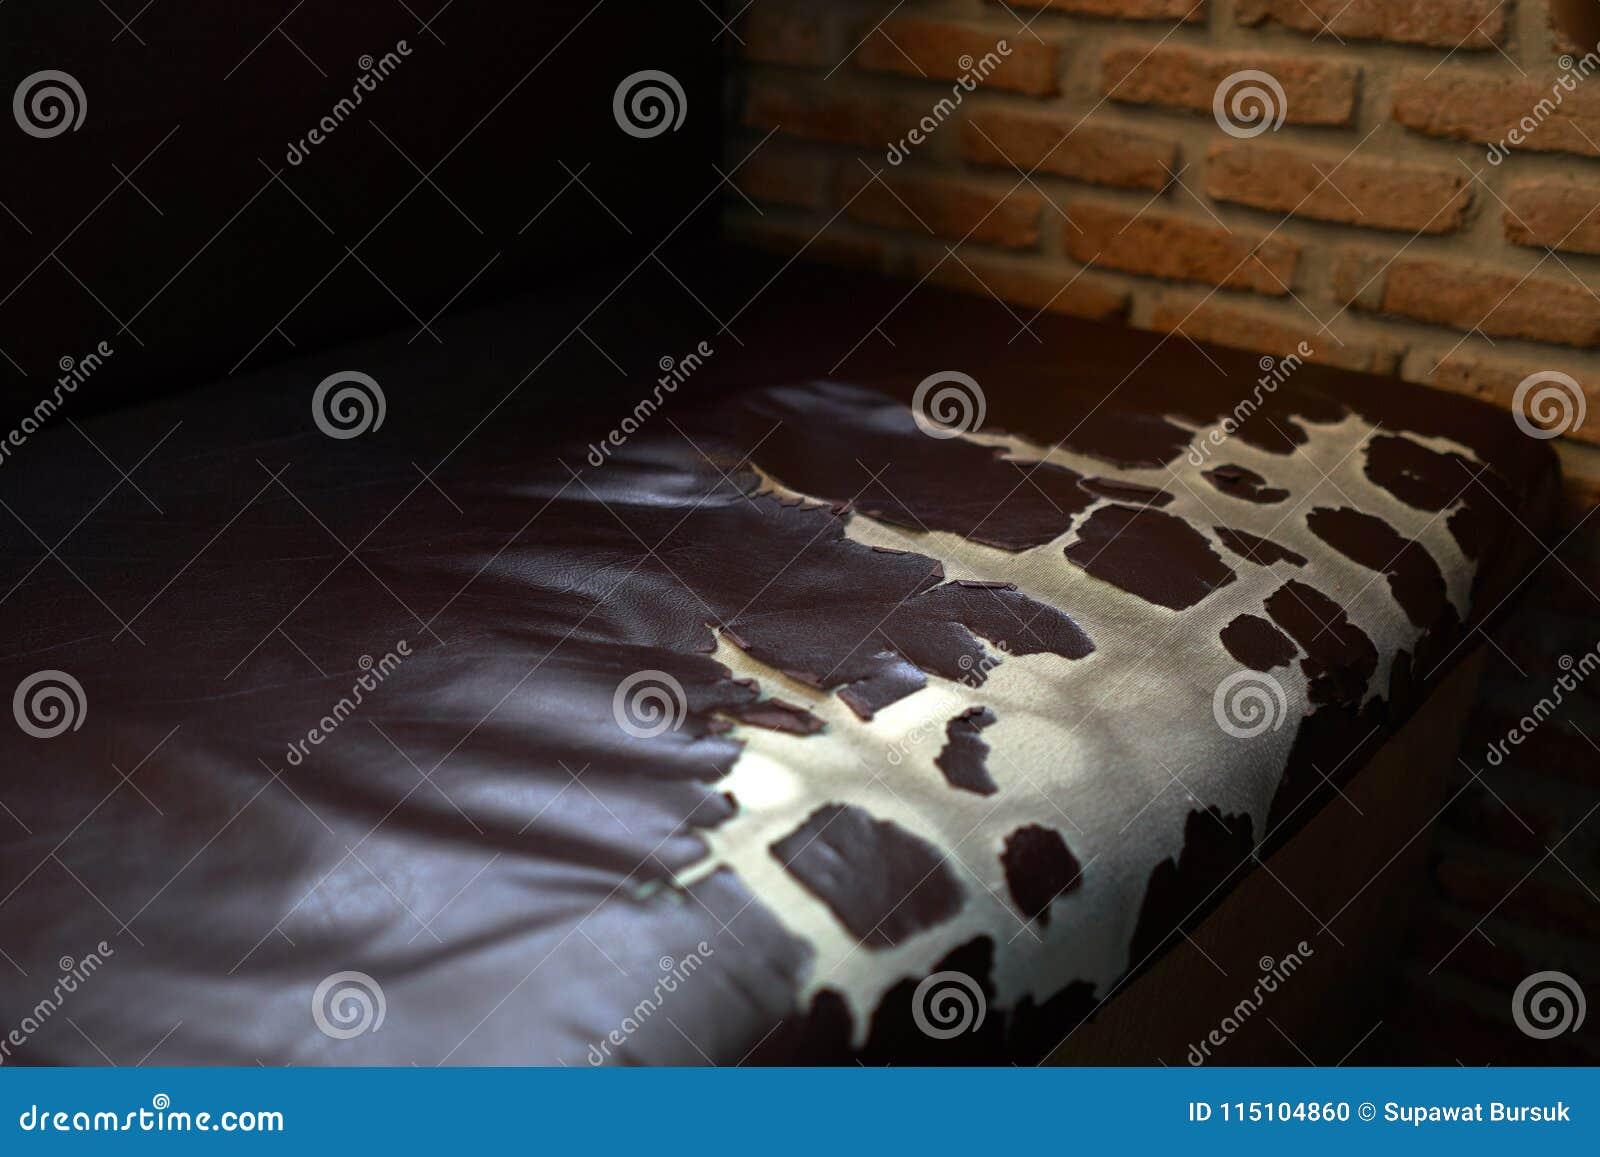 Dano longo da vida útil do sofá do couro do marrom escuro causado pelo uso do filme Para substituir duramente o assento de couro